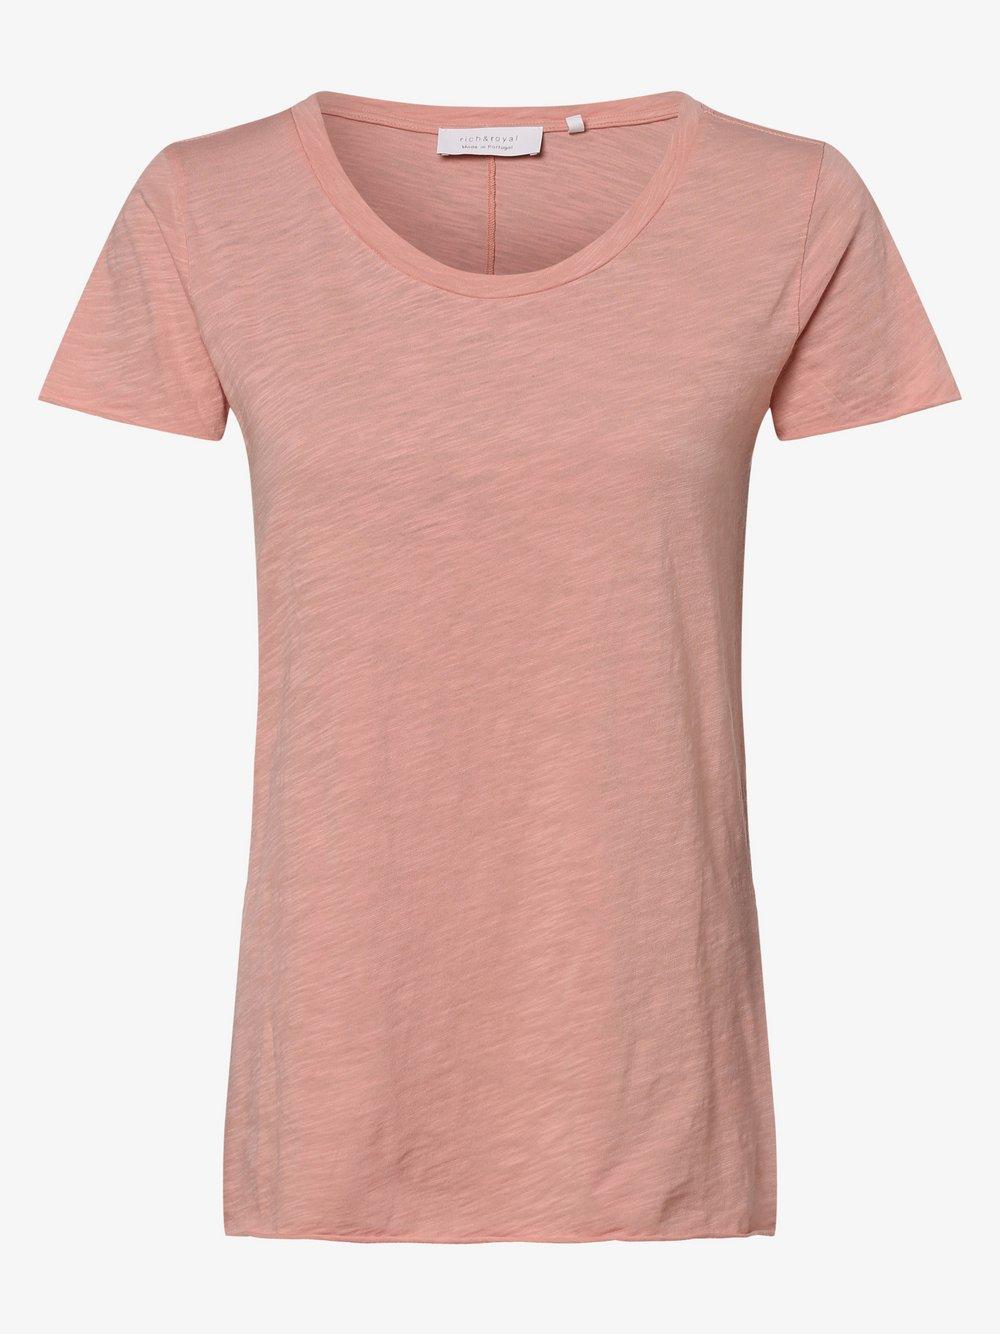 Rich & Royal - T-shirt damski, różowy